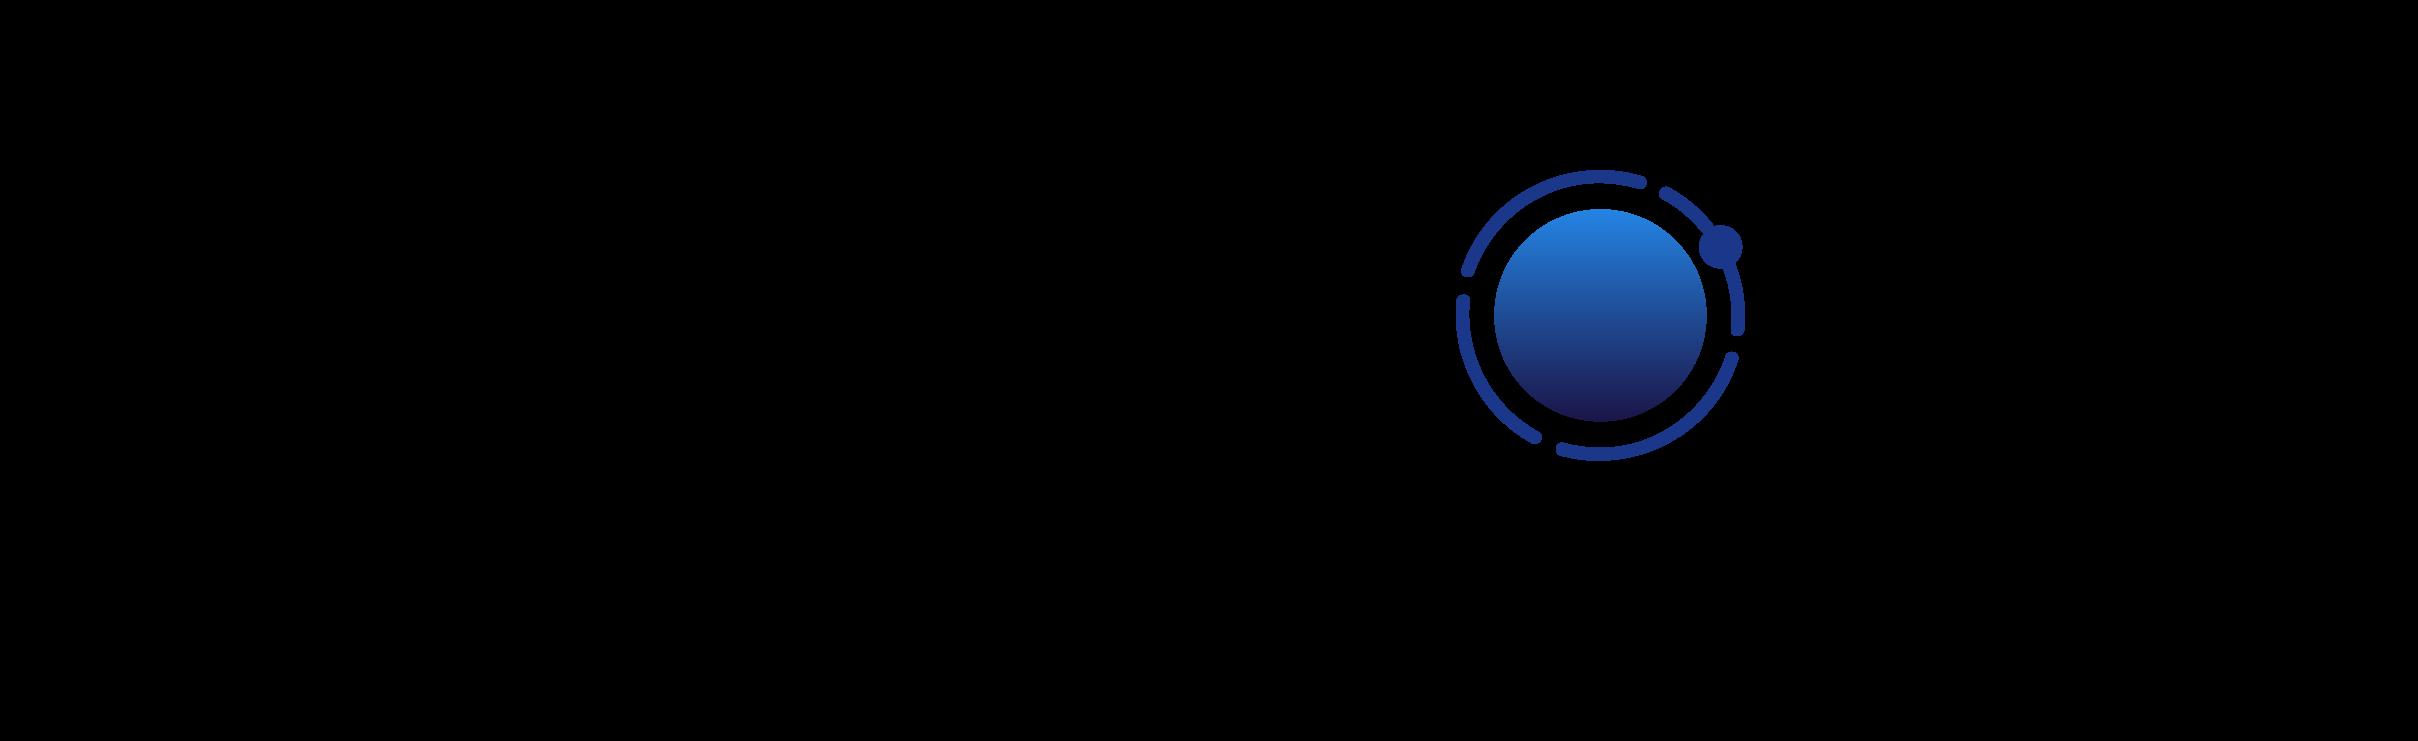 Axiom-Logo-01-HQ2.png